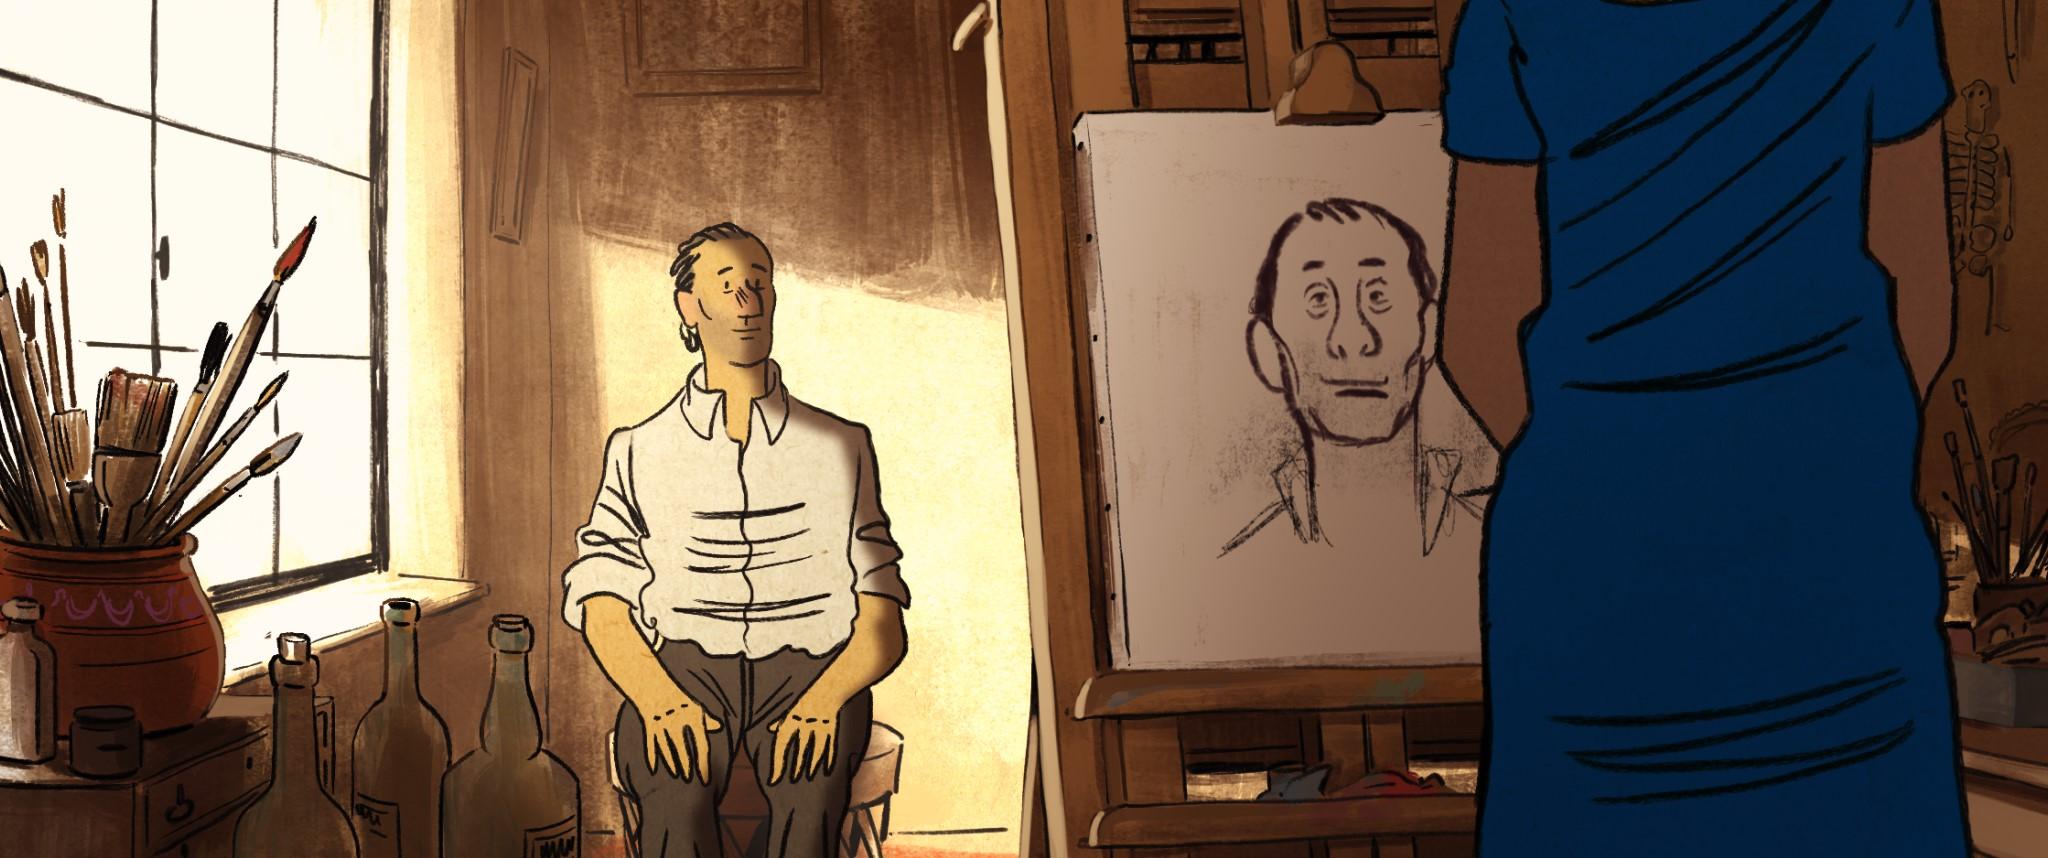 Josep, réalisé par Aurel